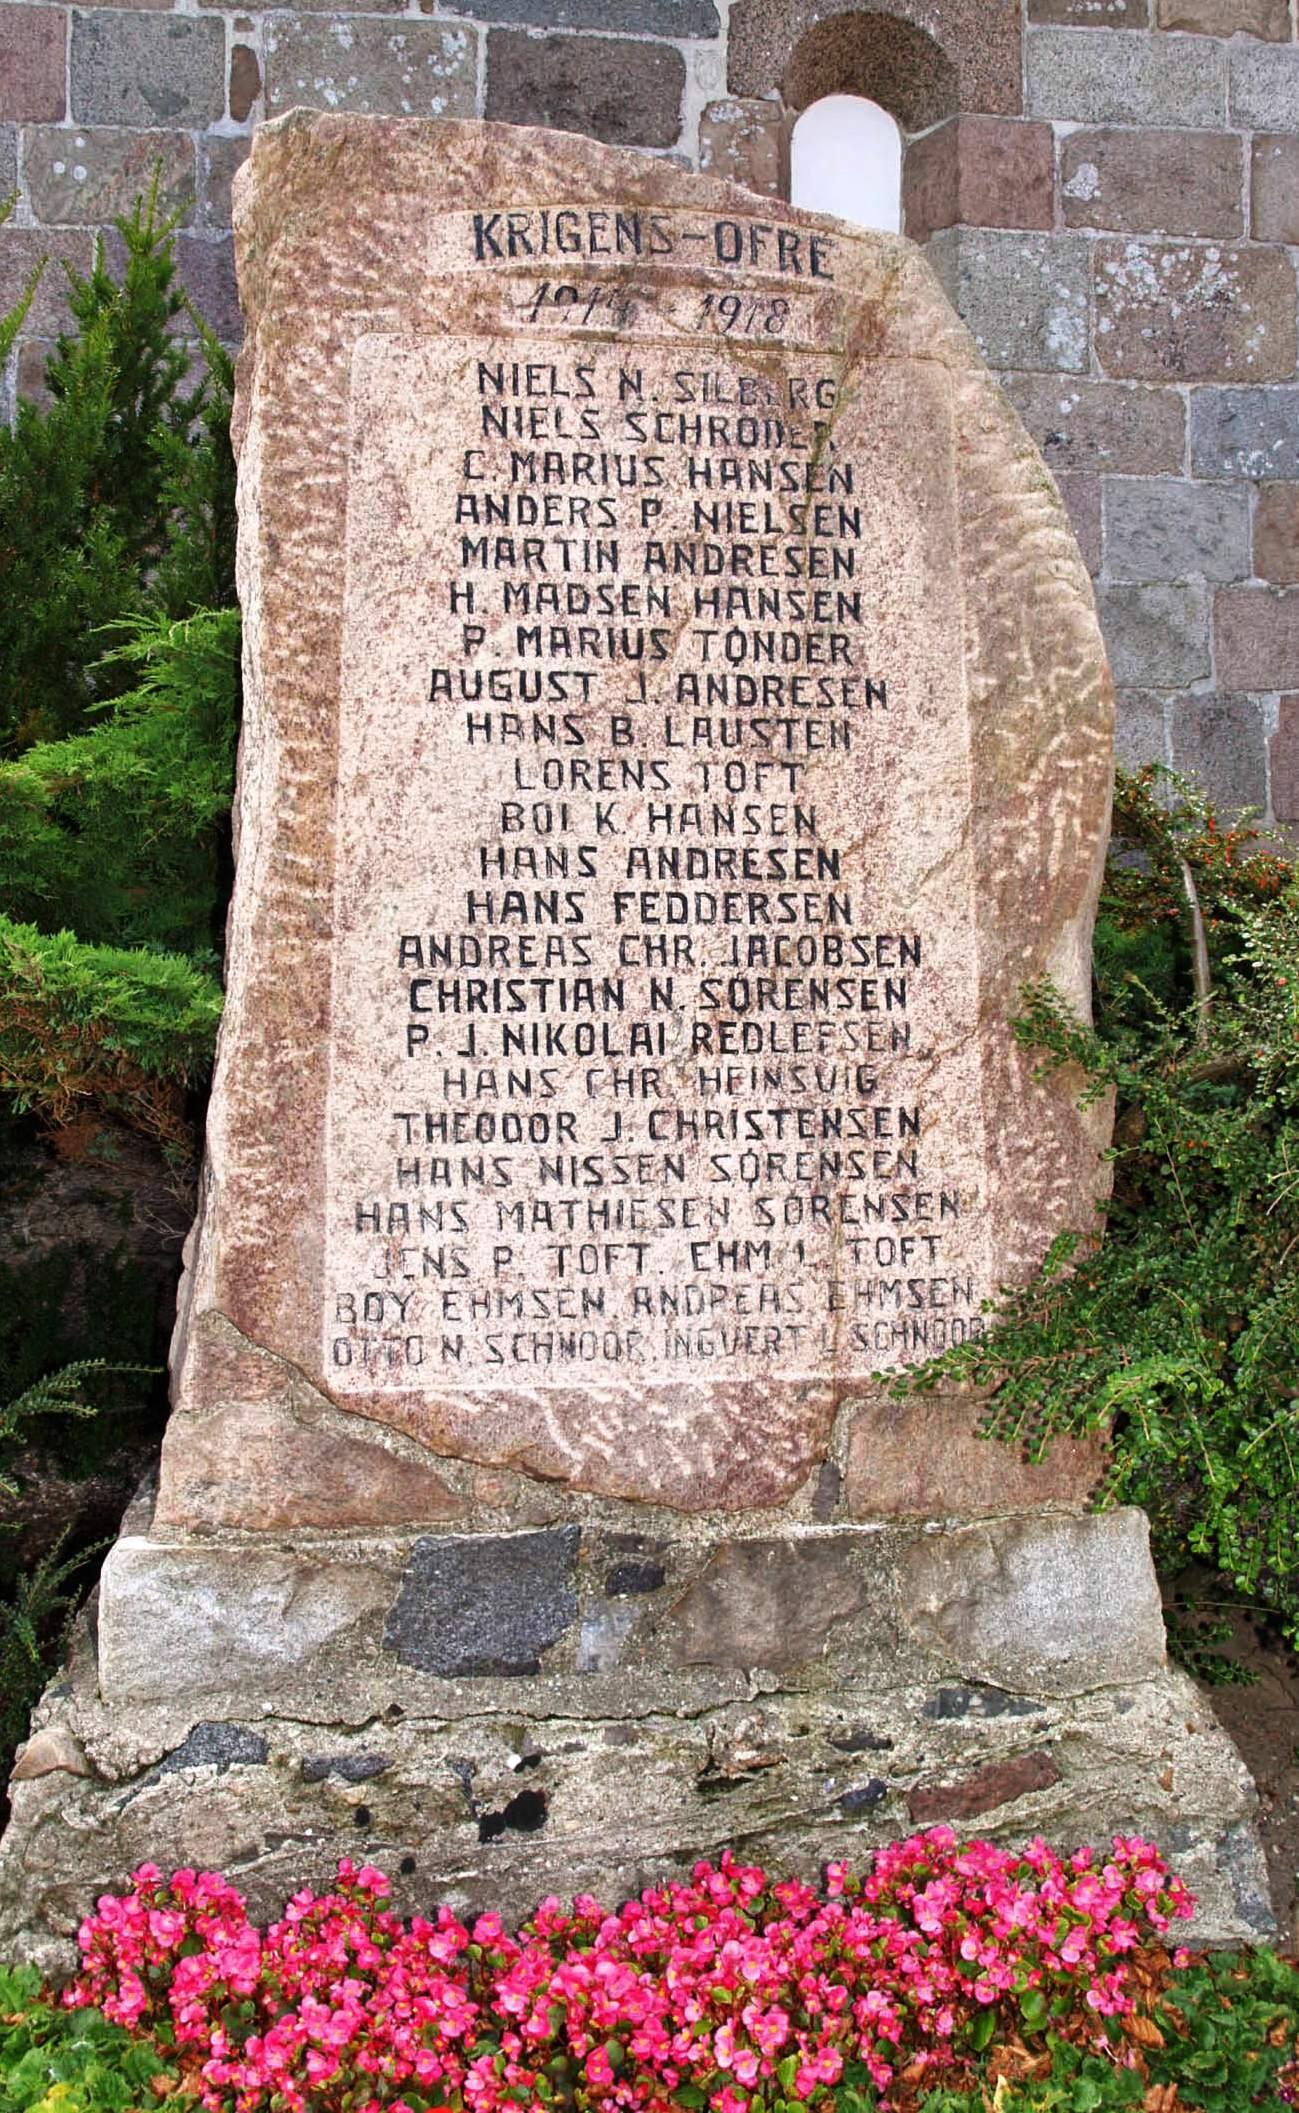 Mindesten, Emmerlev Kirkegård